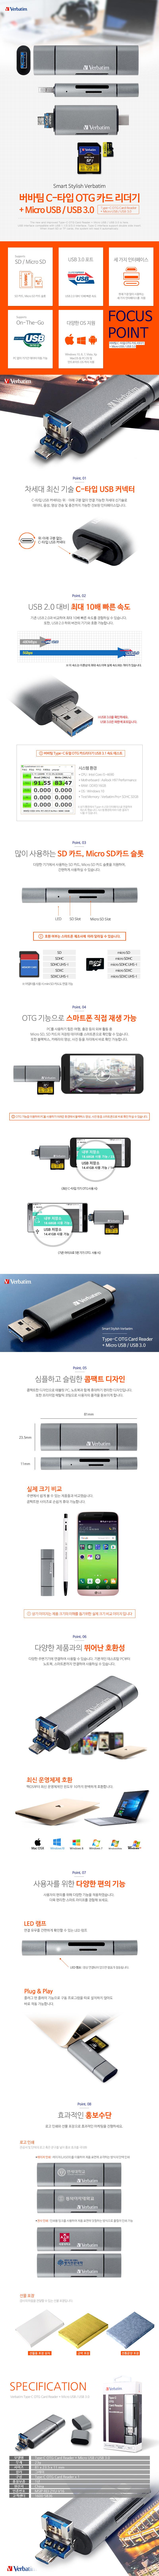 허브 카드리더 USB 3.0 + Type-C OTG + 마이크로 5핀 그레이 - 버바팀, 20,300원, USB제품, USB 허브